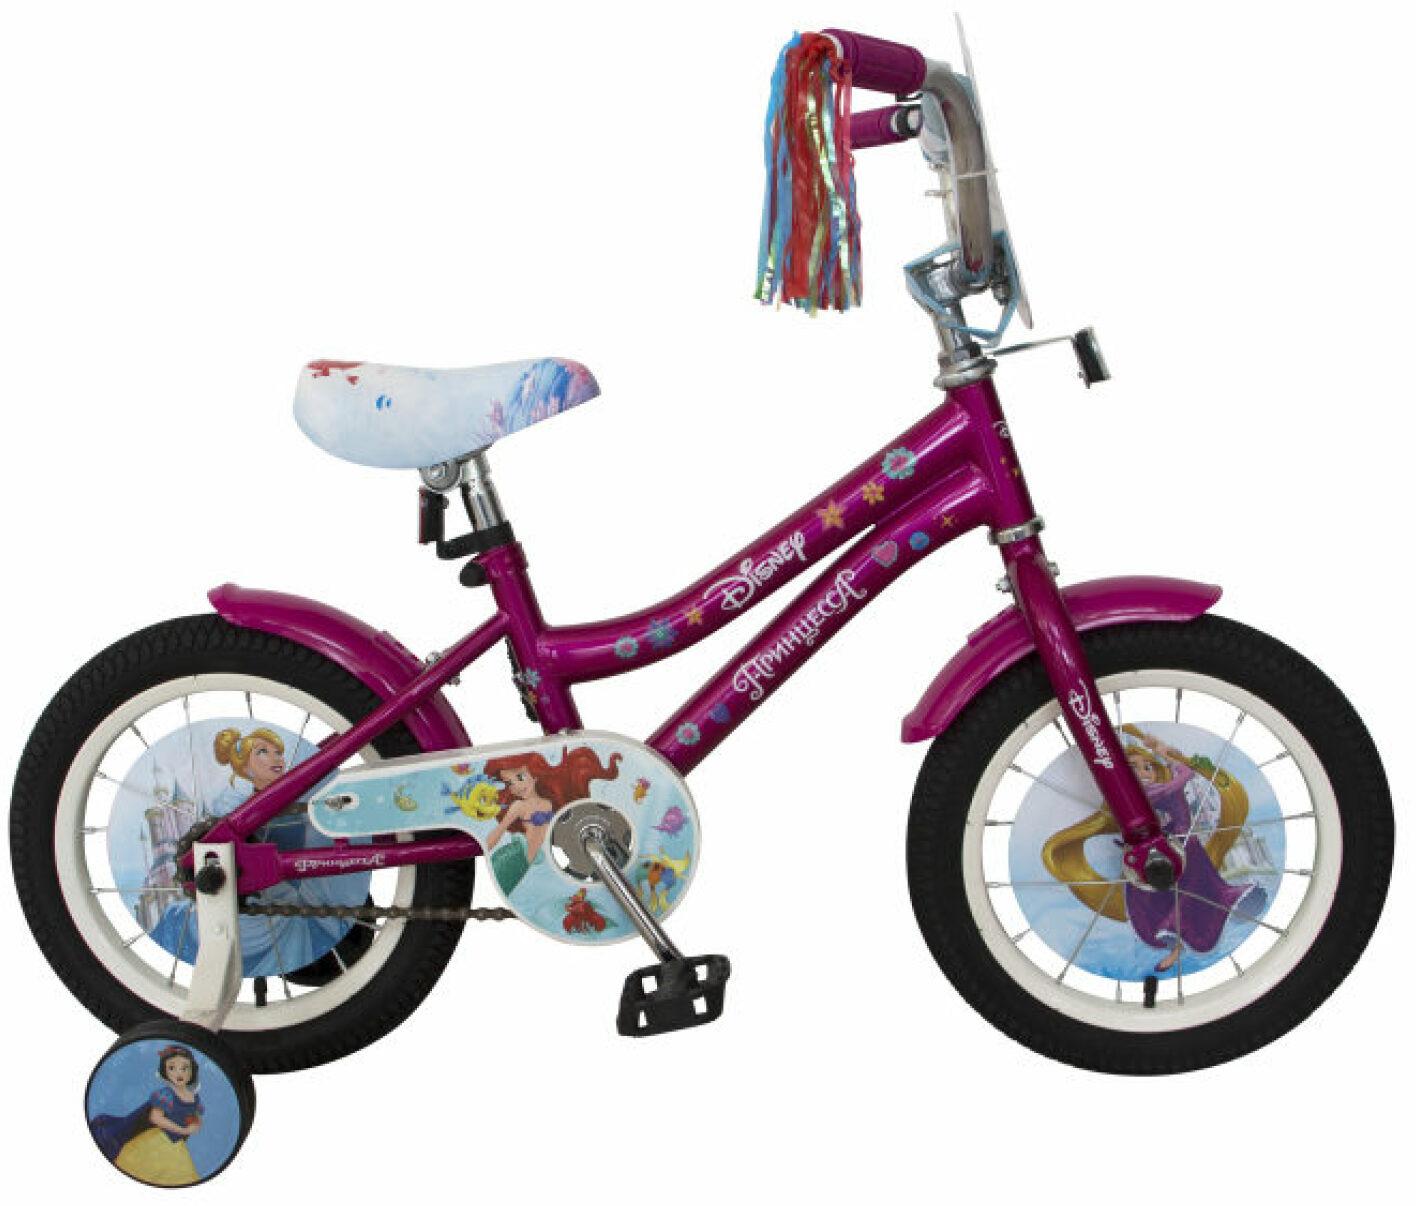 Велосипед детский Disney Принцесса, ВН14182, розовый, белый, колесо 14